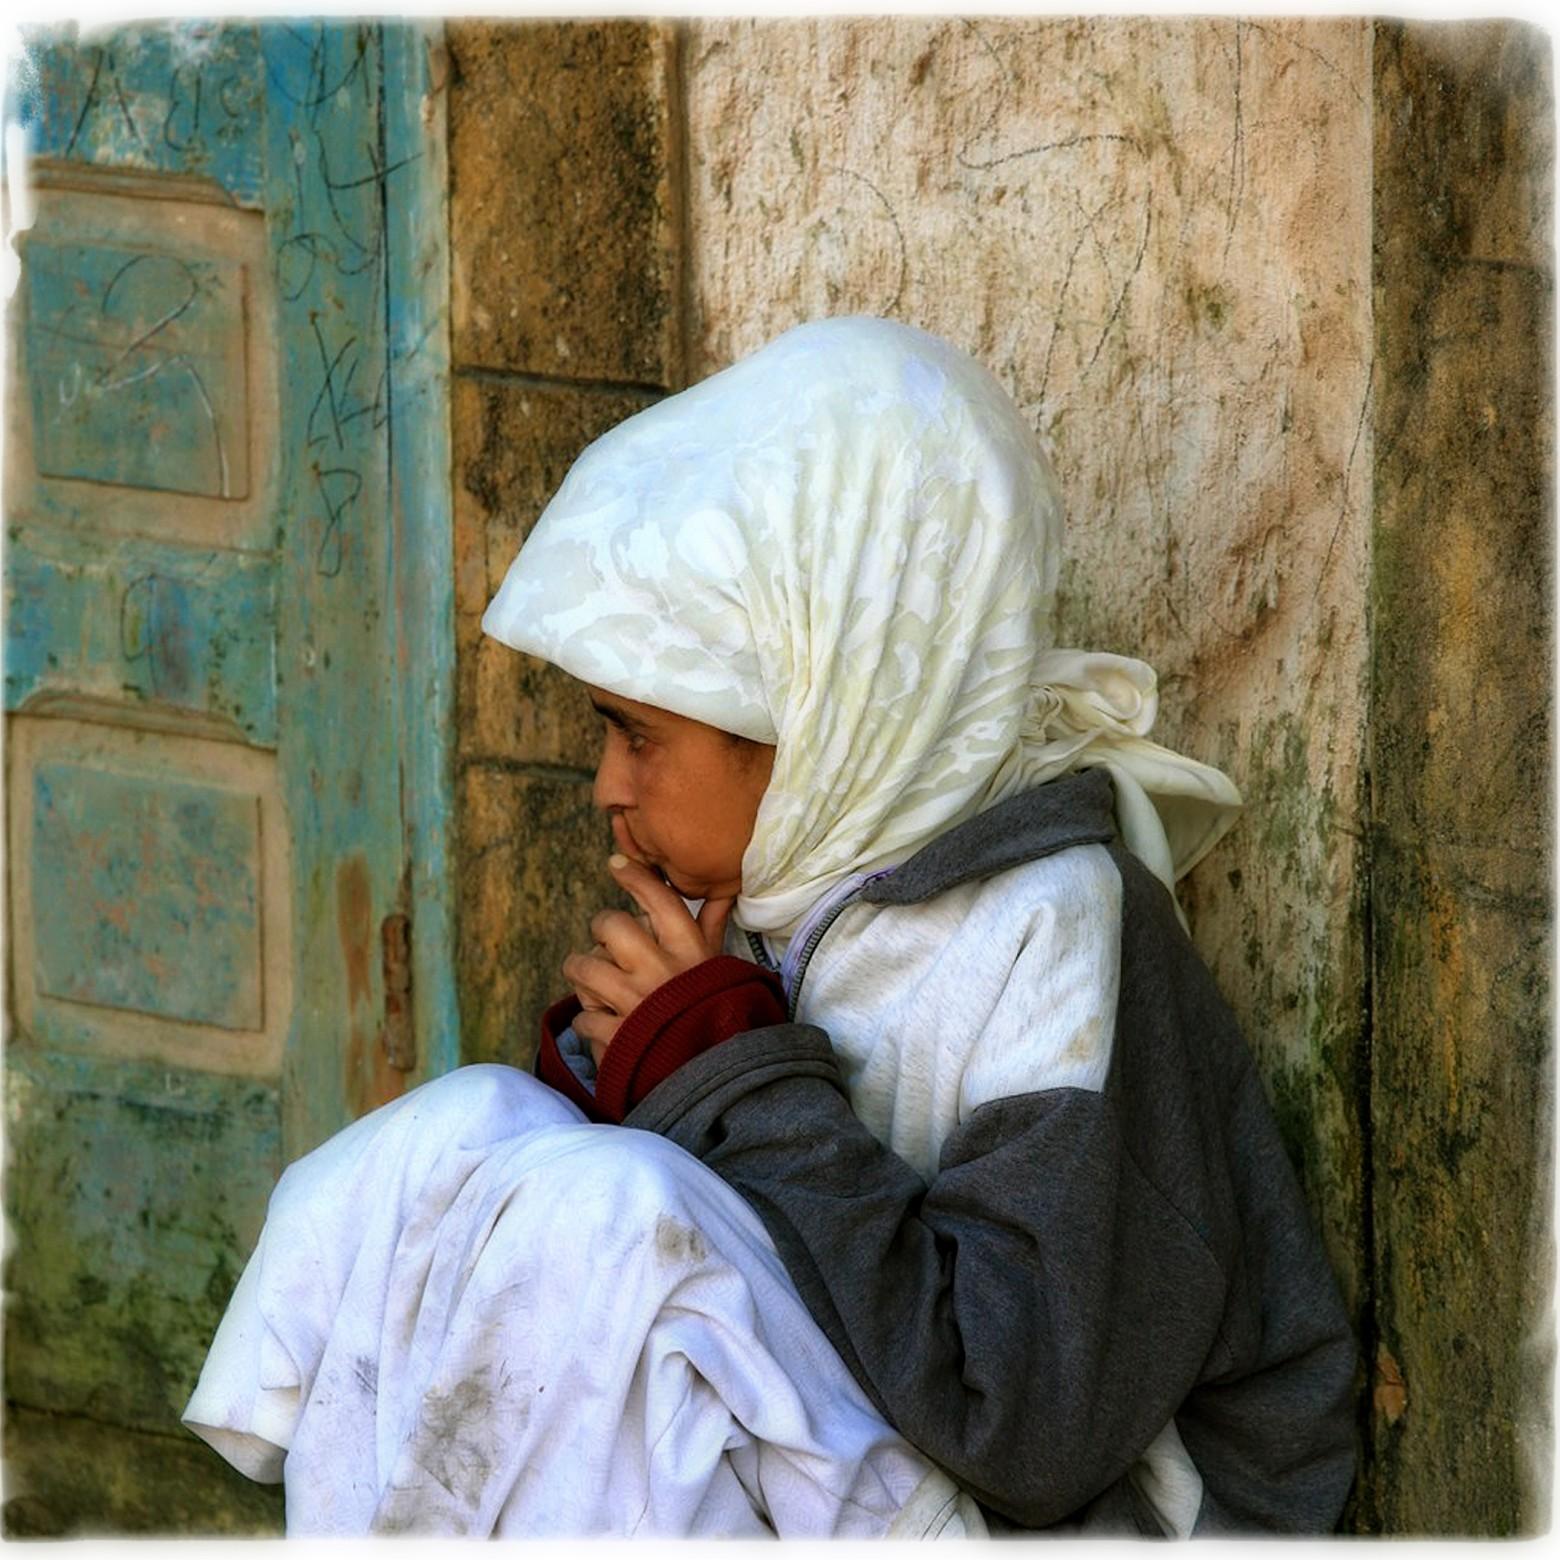 petite fille marocaine triste images photos gratuites images gratuites et libres de droits. Black Bedroom Furniture Sets. Home Design Ideas